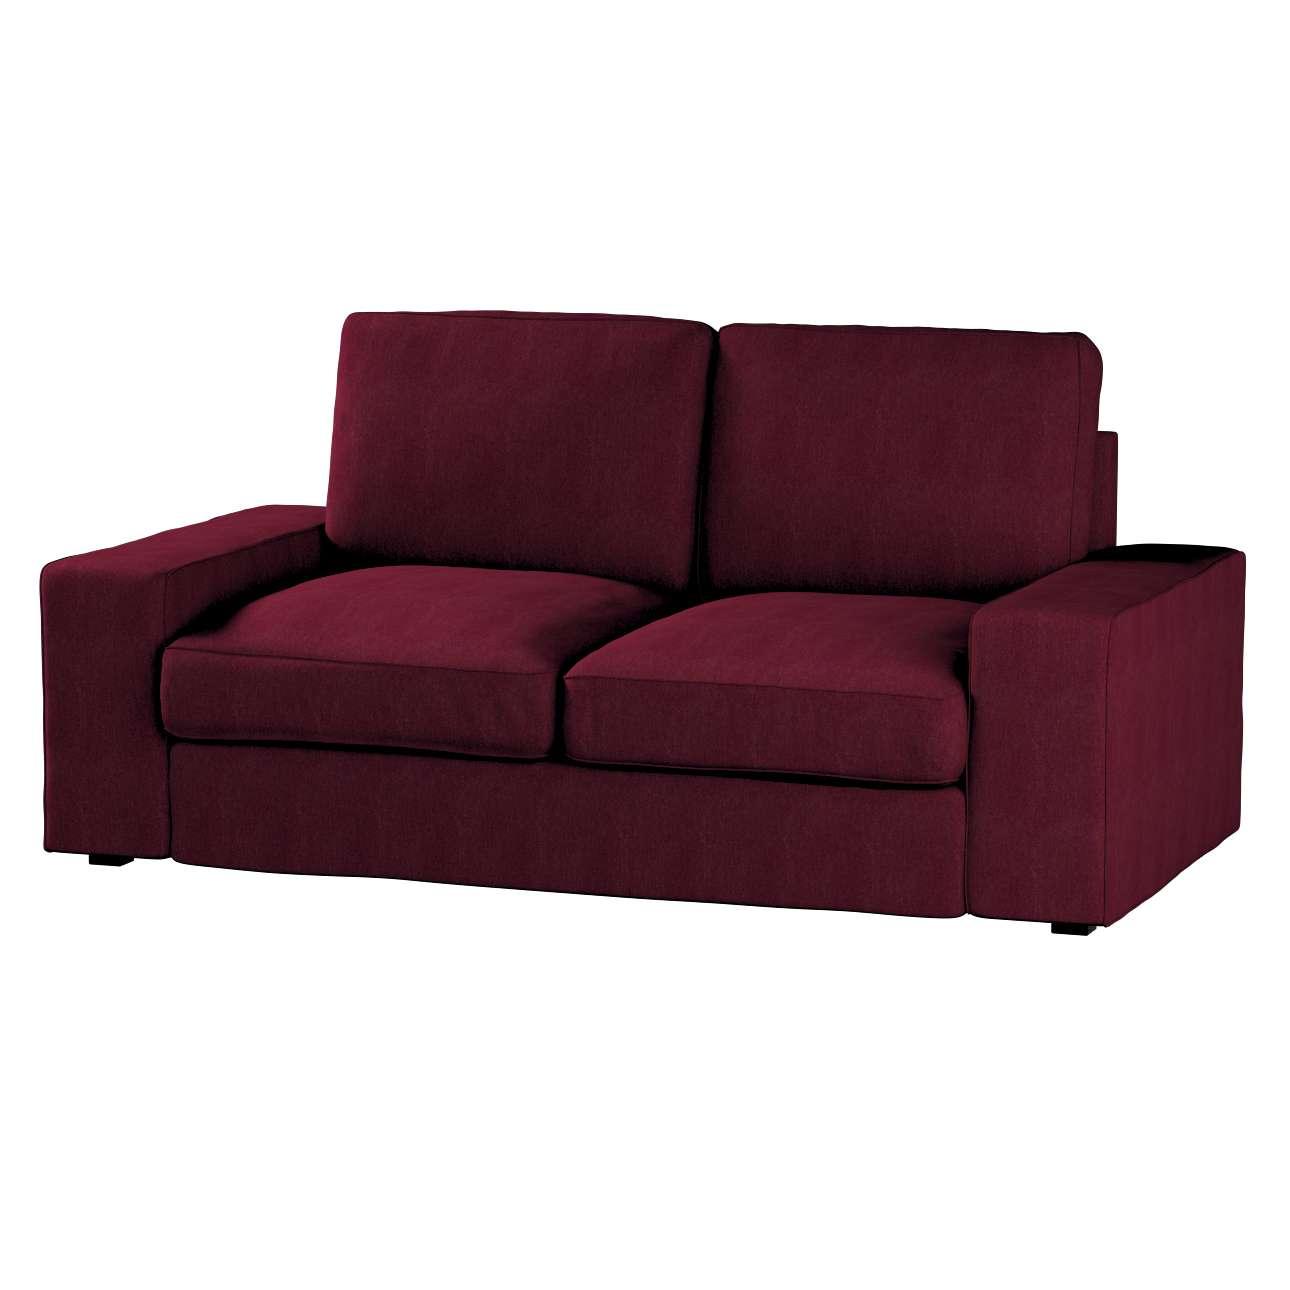 KIVIK dvivietės sofos užvalkalas Kivik 2-seat sofa kolekcijoje Chenille, audinys: 702-19